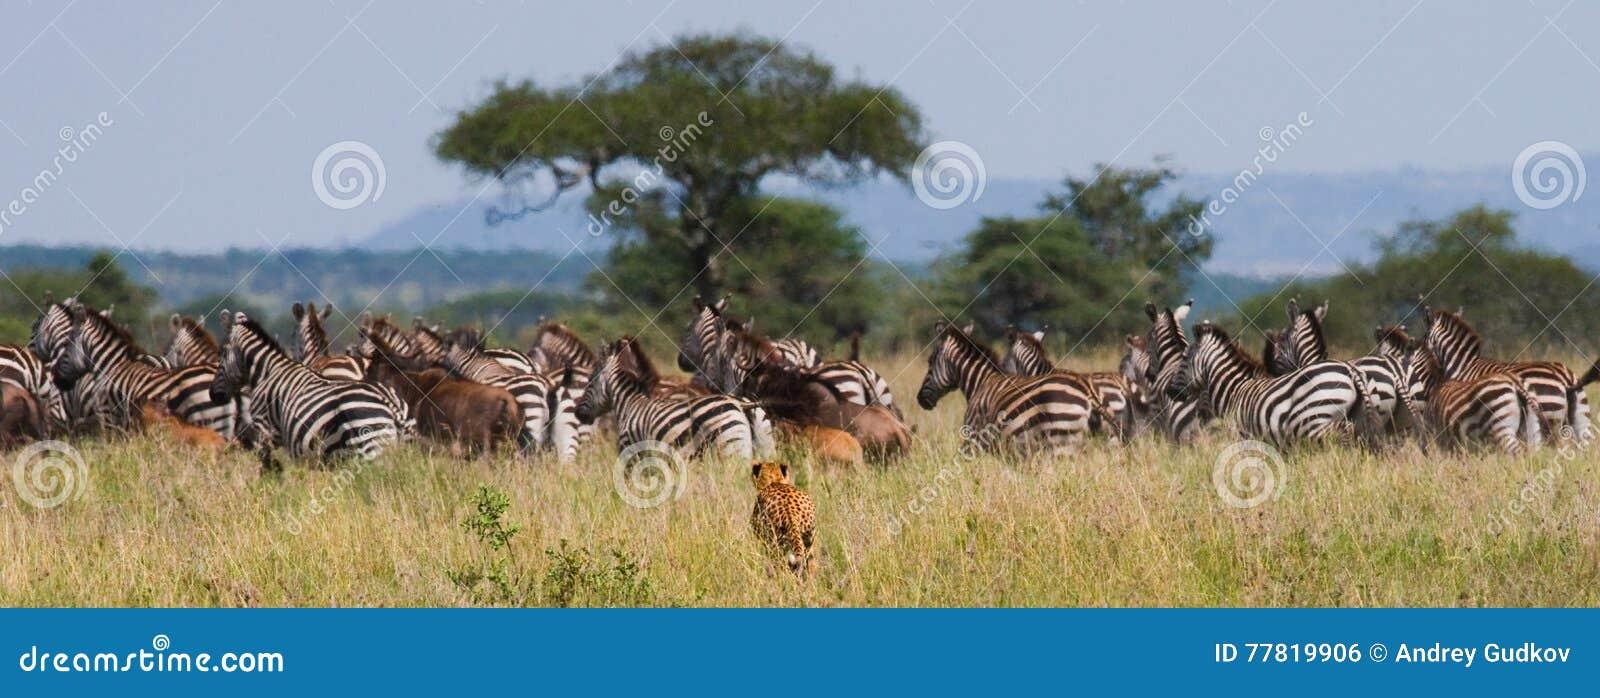 Гепард охотится для табуна зебр и антилопы гну Кении Танзания вышесказанного Национальный парк serengeti Maasai Mara